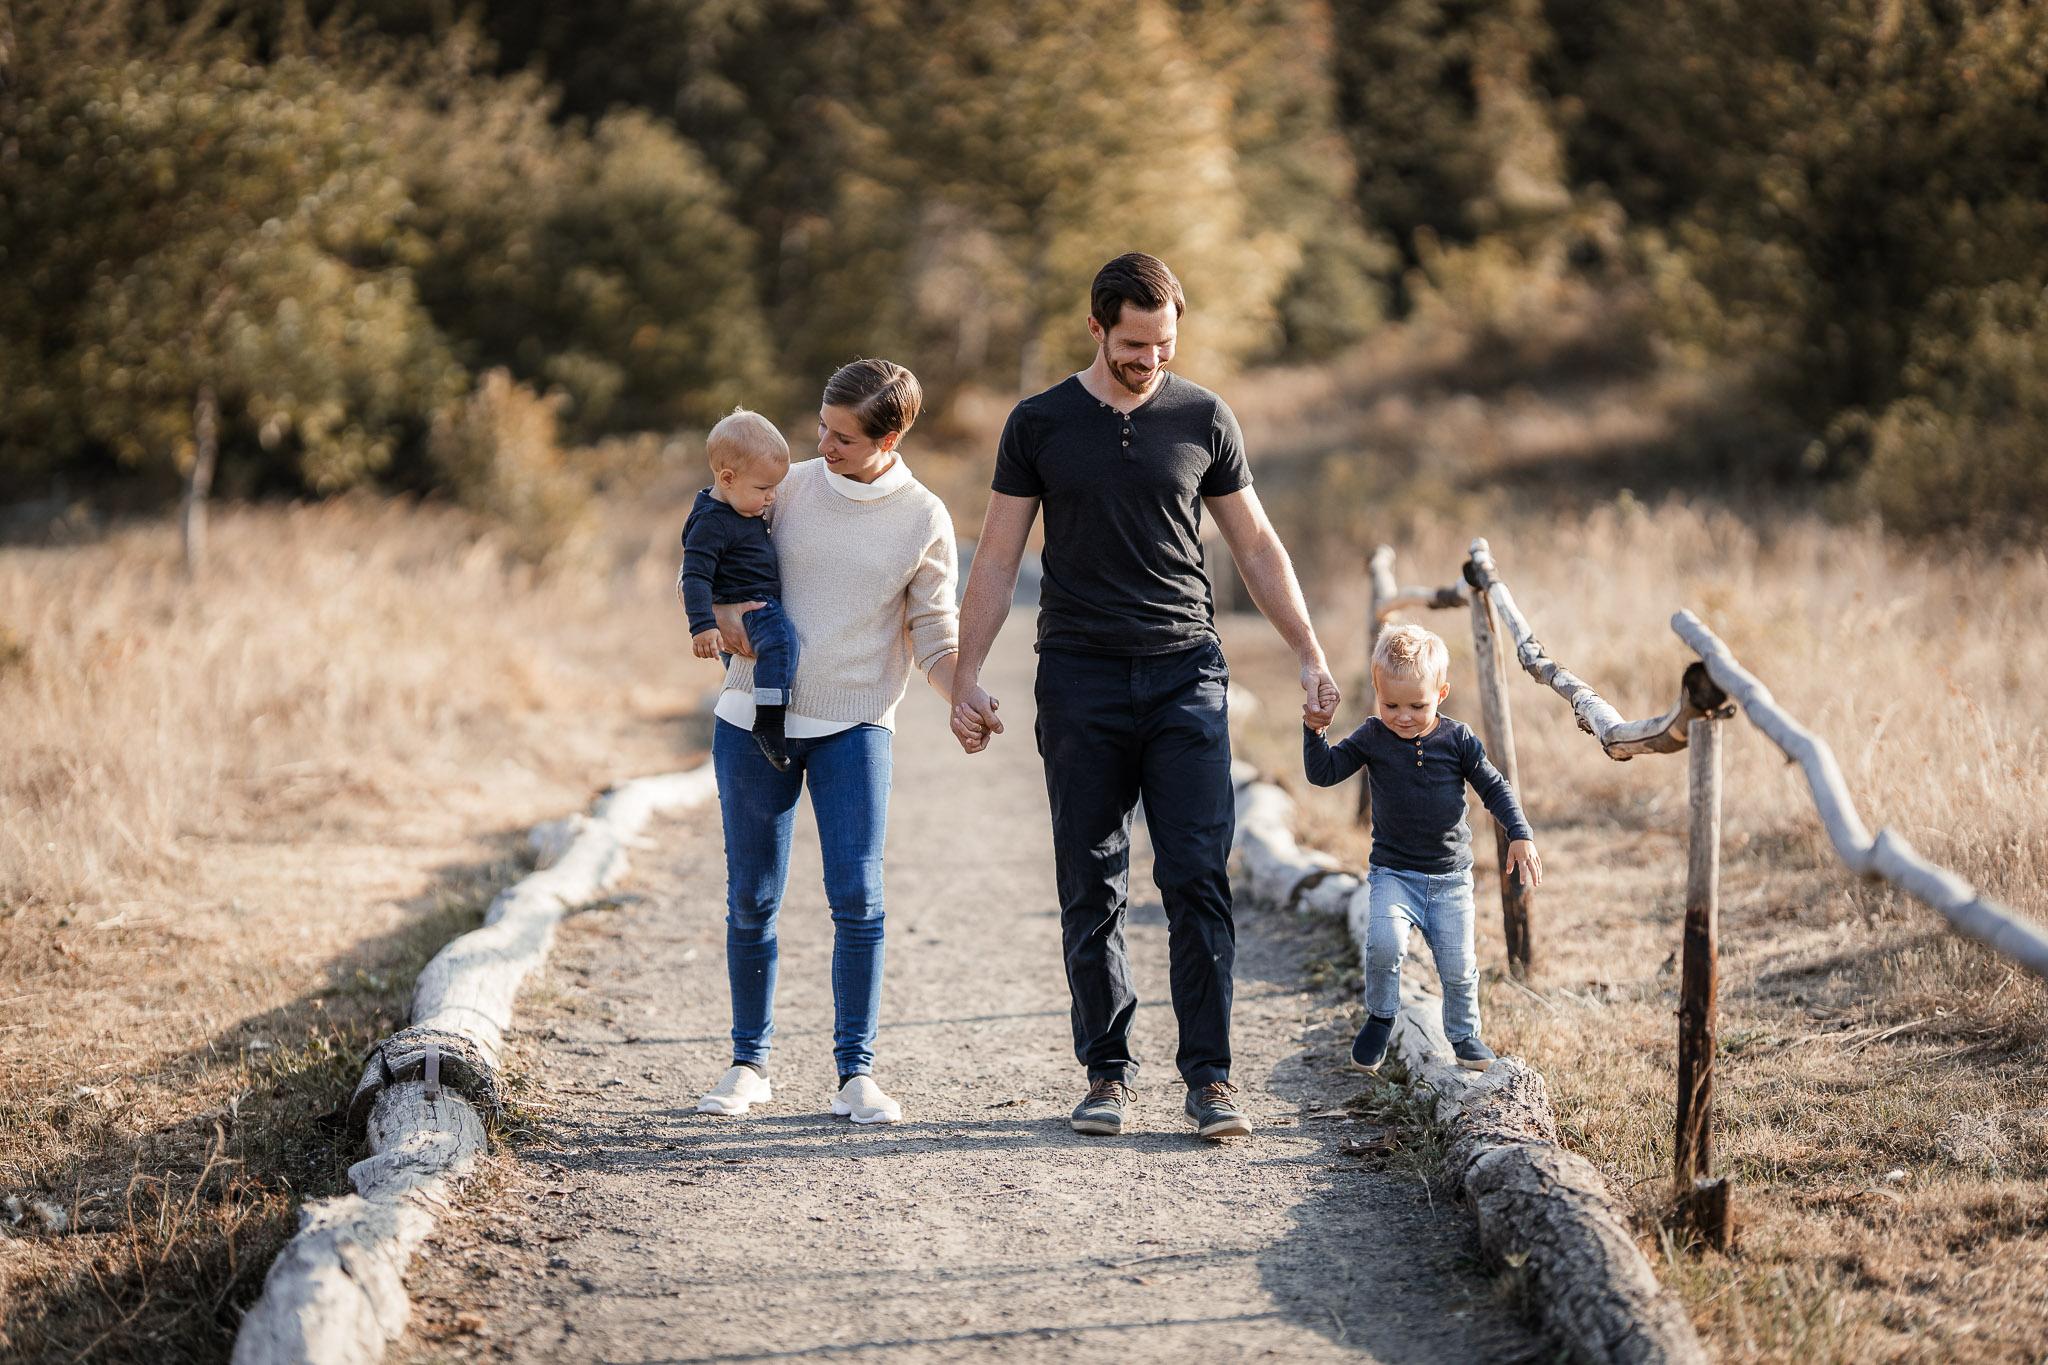 Familienfotos in Ober-Olm: Herbstbilder in der Natur 5